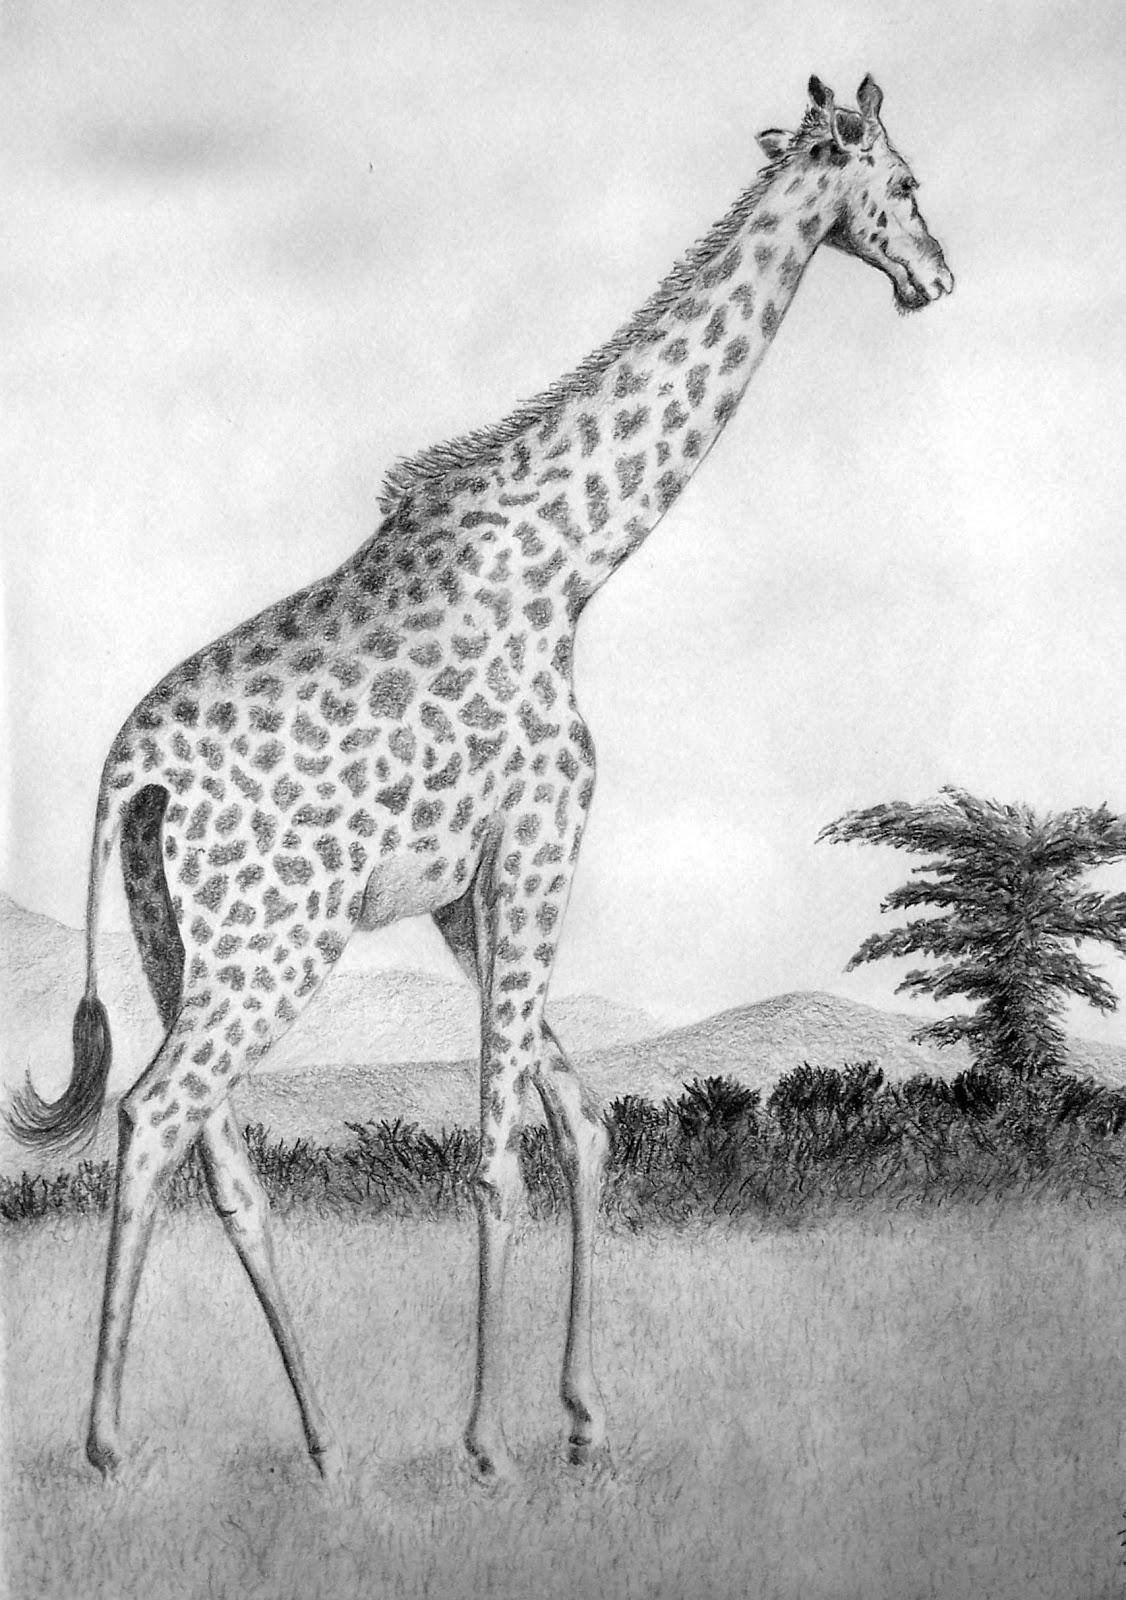 Jim Hartlage Art: January 2013Cool Giraffe Drawings